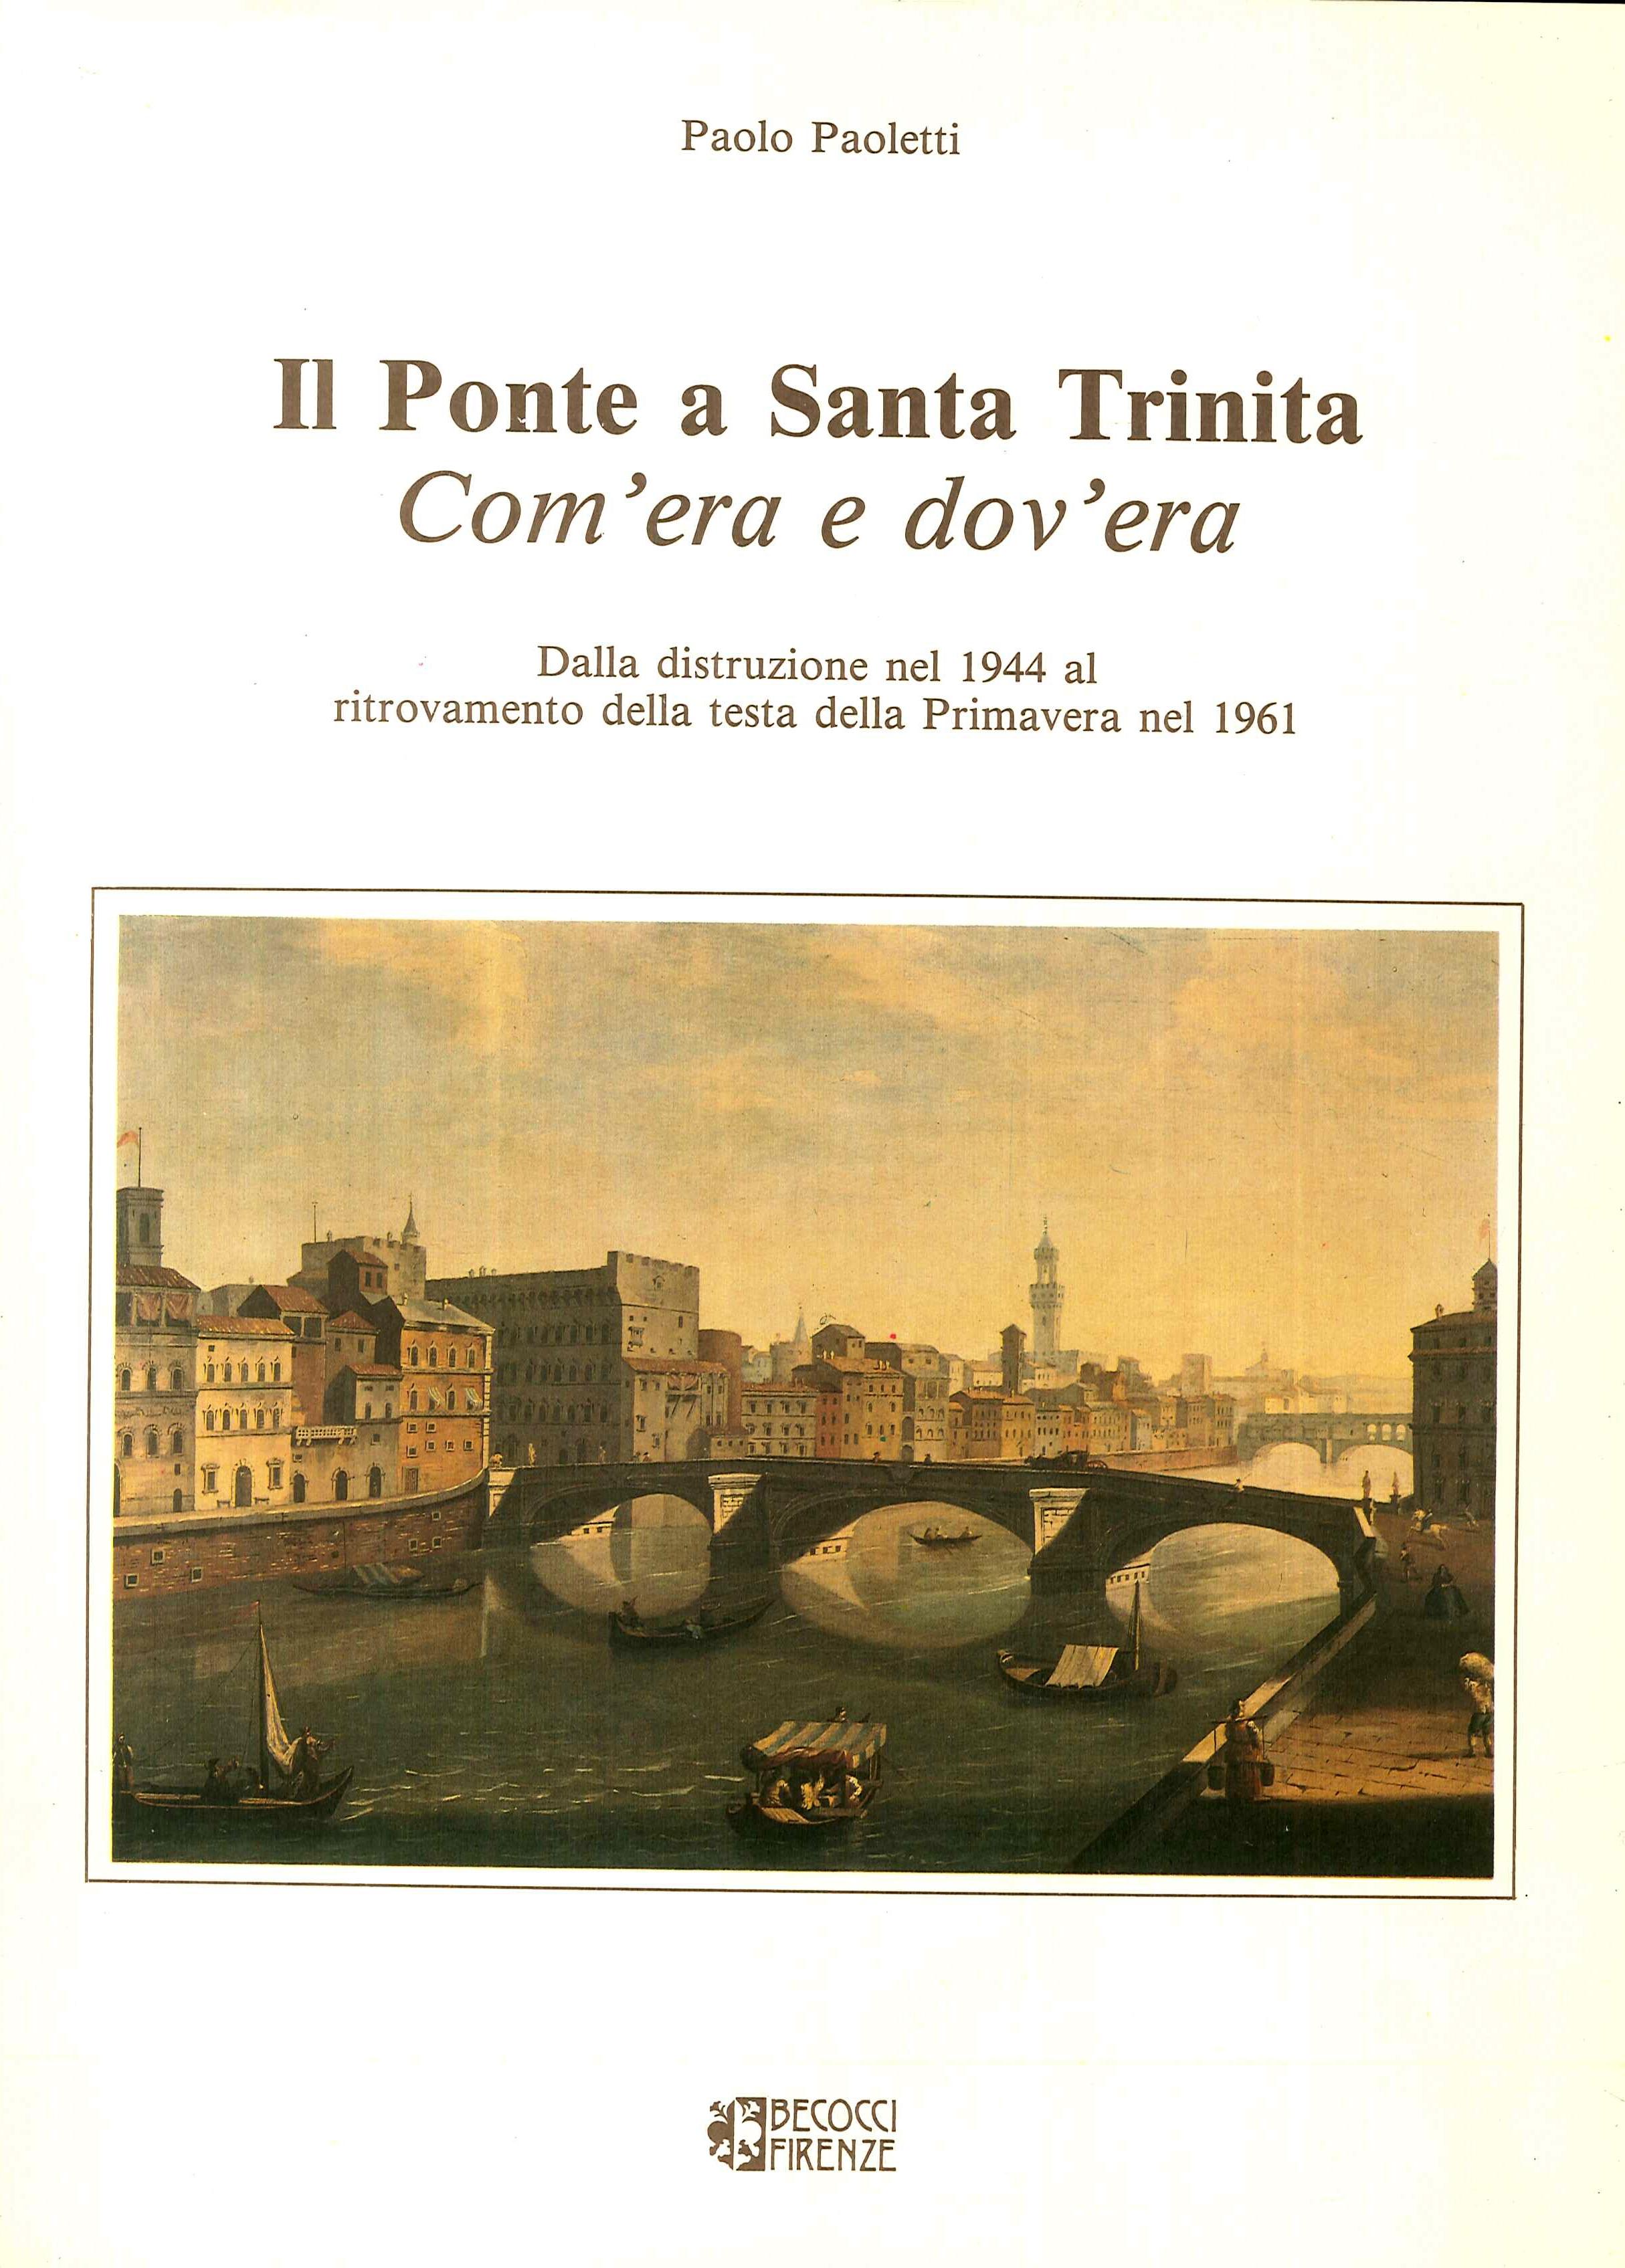 Ponte a Santa Trinita Com'era e dov'era. Dalla distruzione nel 1944 al ritrovamento della testa della Primavera nel 1961.